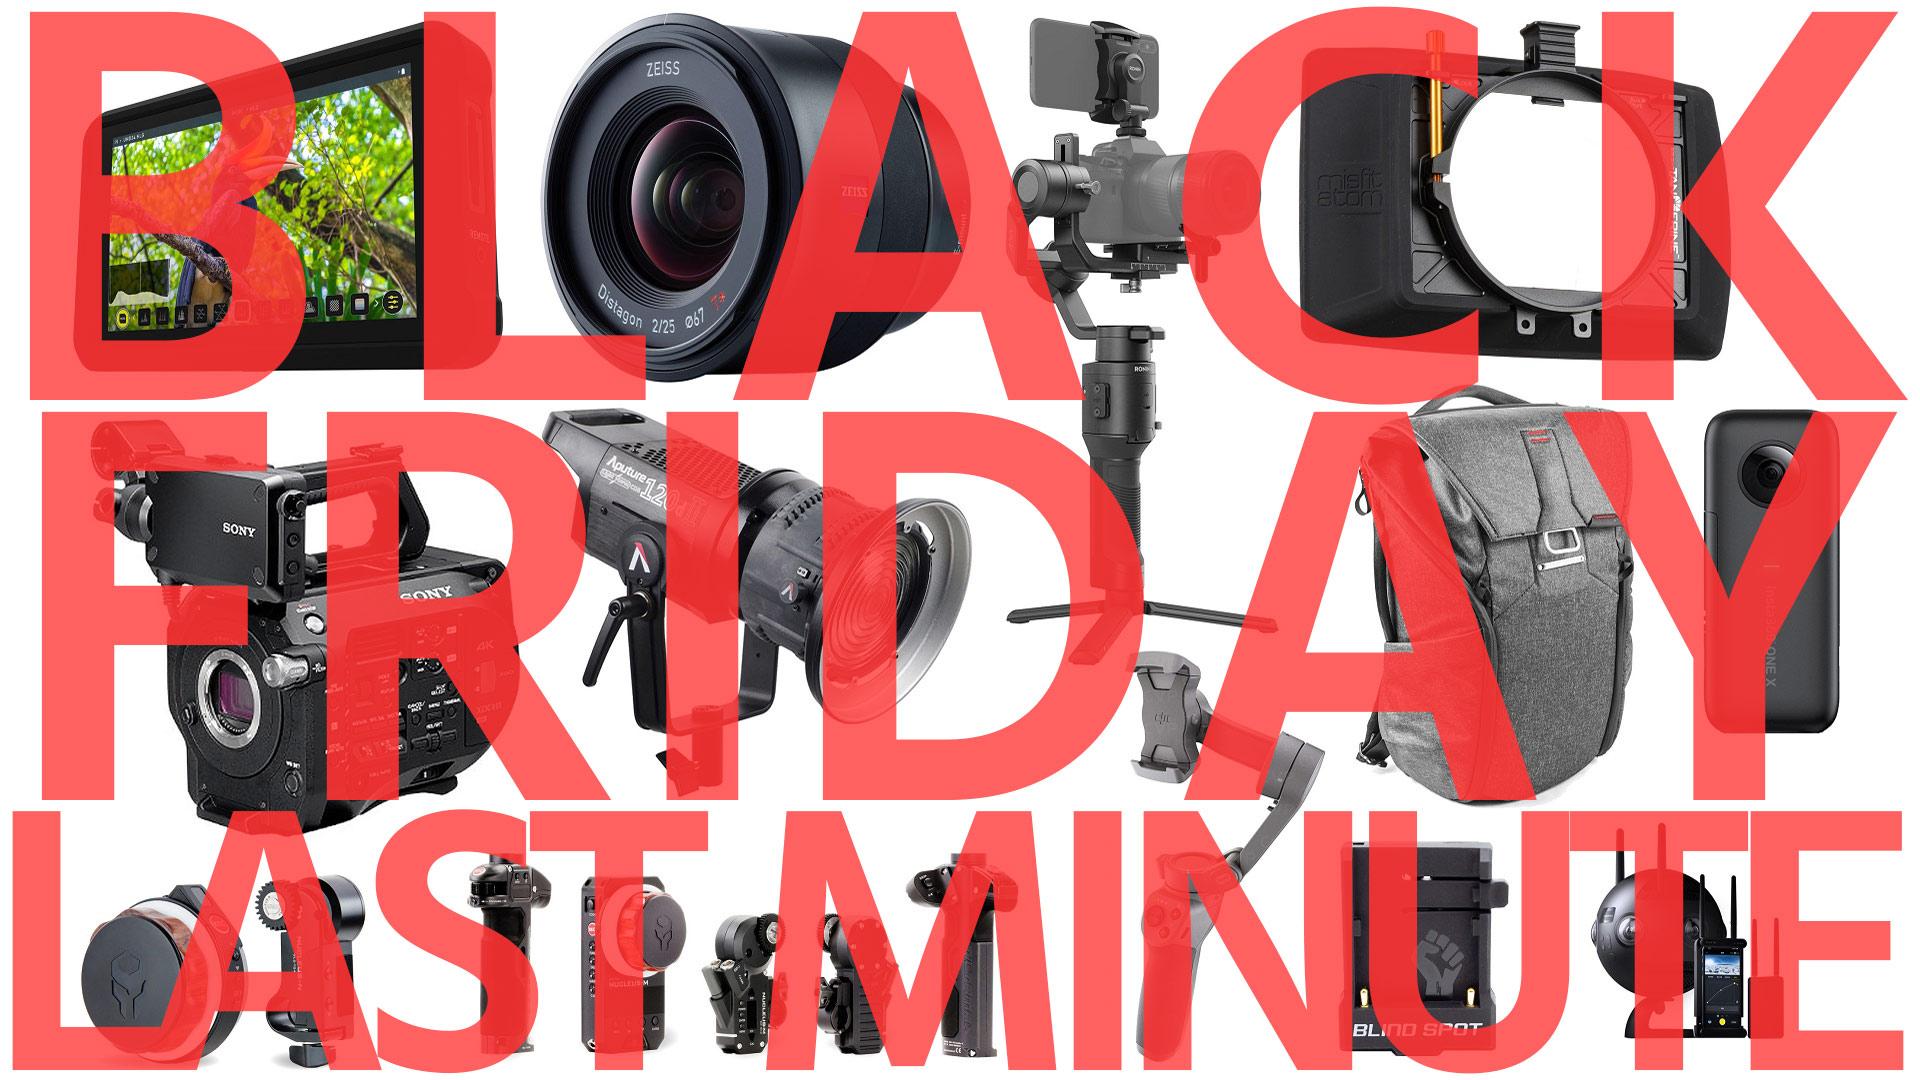 Ofertas de Black Friday para cineastas de último minuto